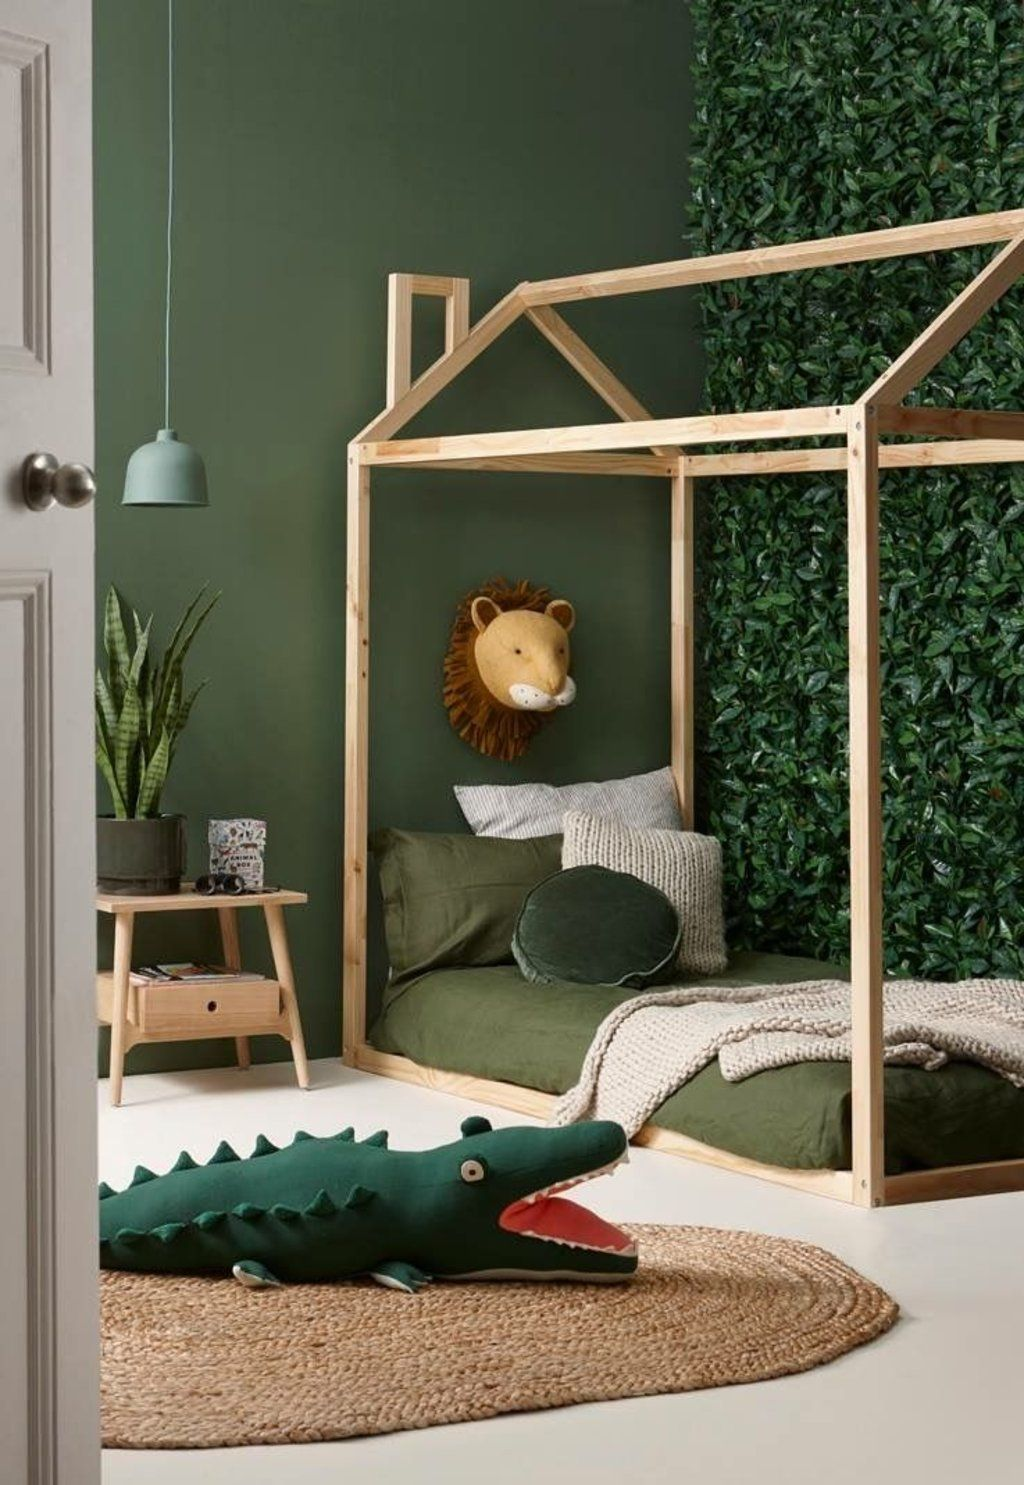 Une Chambre Enfant Kaki Pour Un Univers Doux Chambre Enfant Chambre A Coucher Design Idee Chambre Enfant